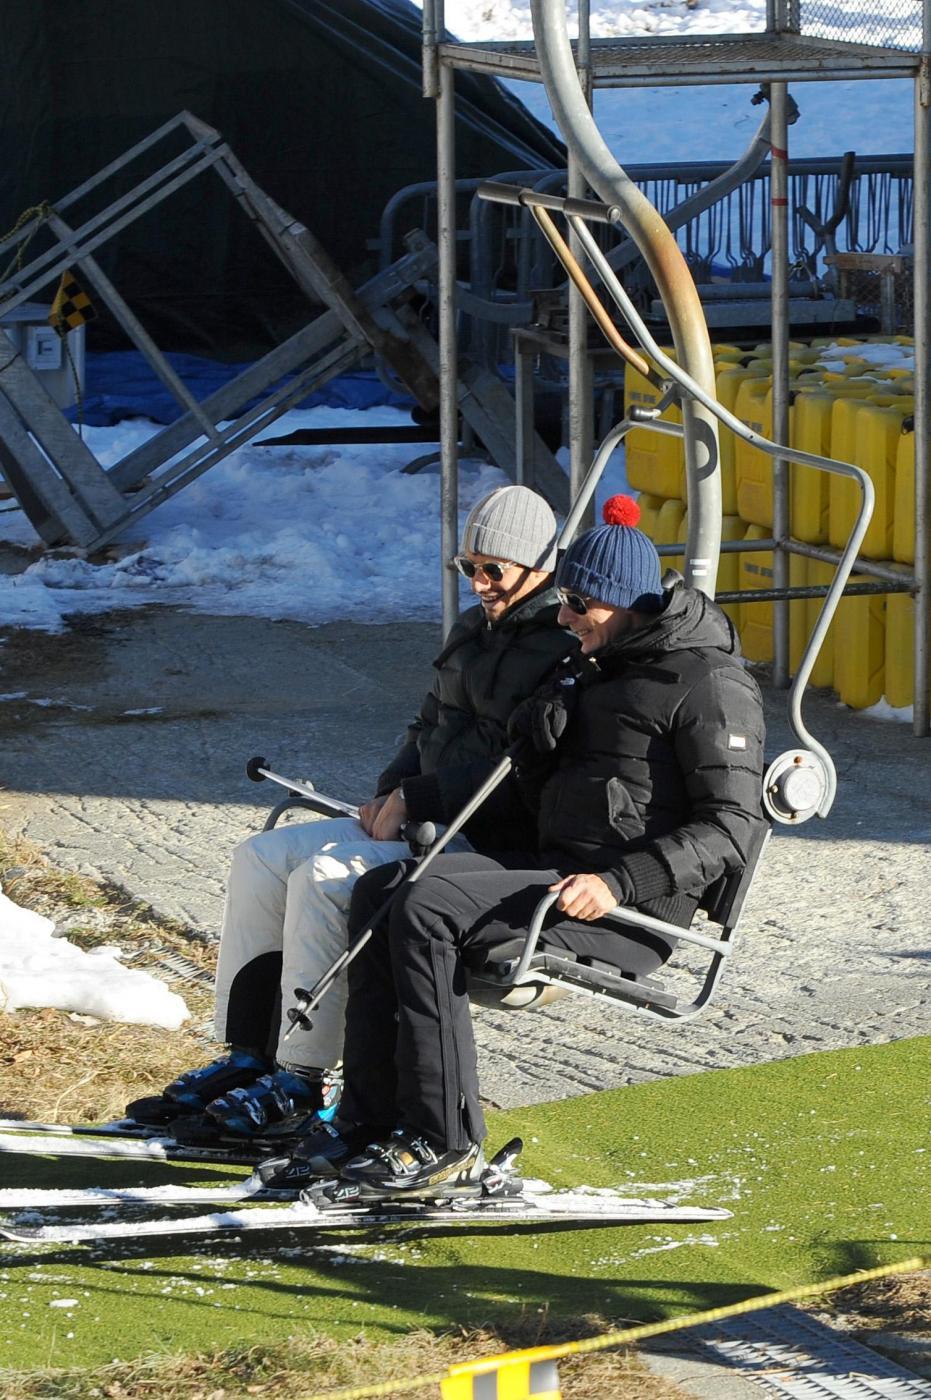 Stefano Gabbana sugli sci a Courmayeur01